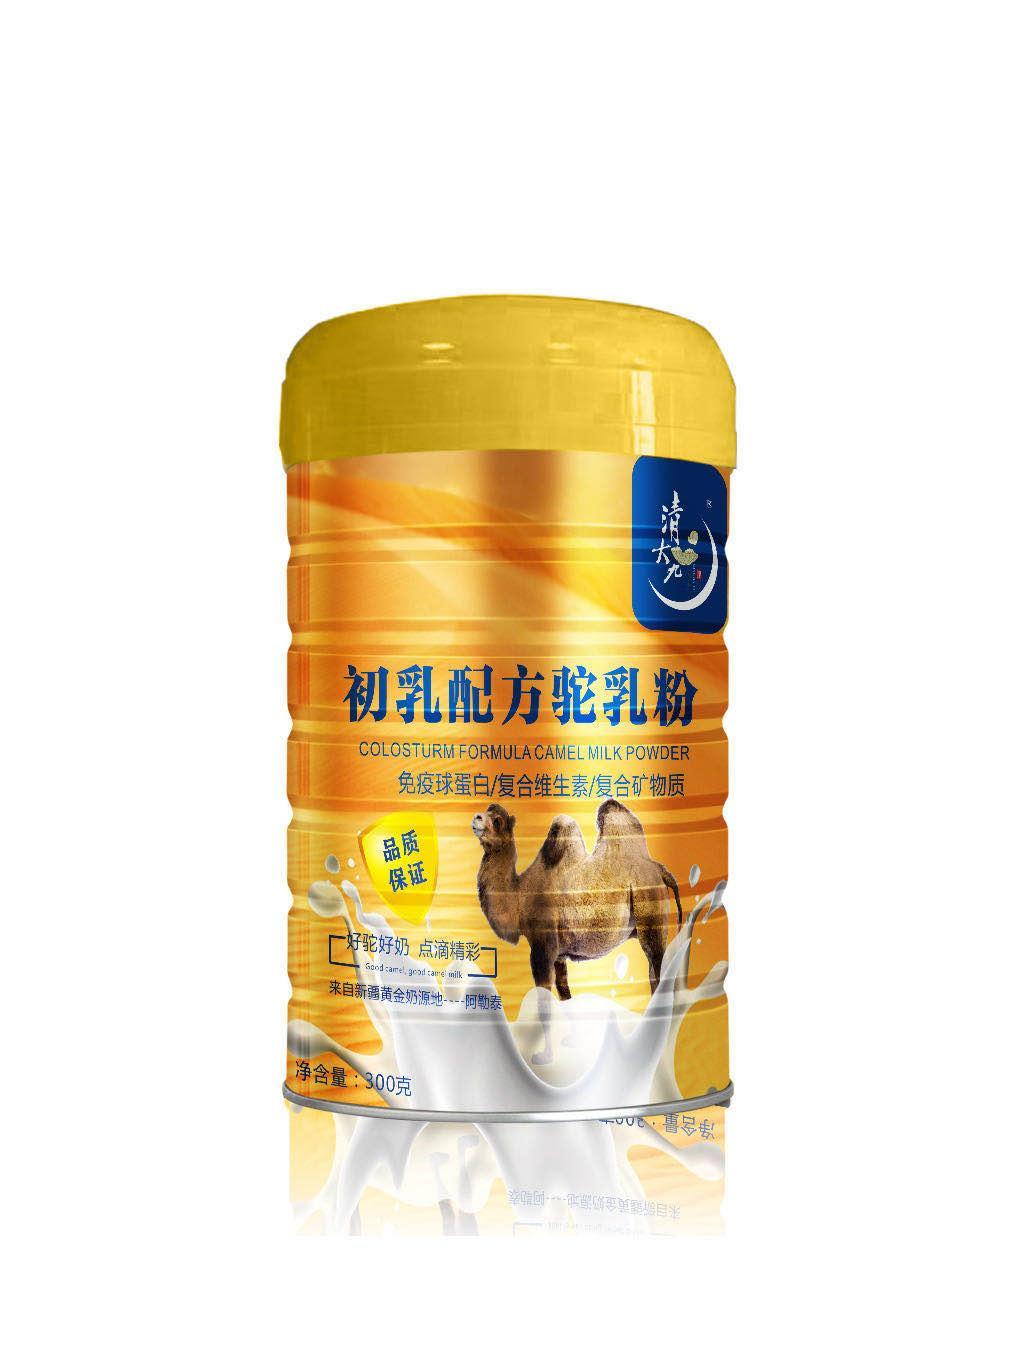 清大九初乳配方驼乳粉益生菌配方驼乳粉代加工定制招商